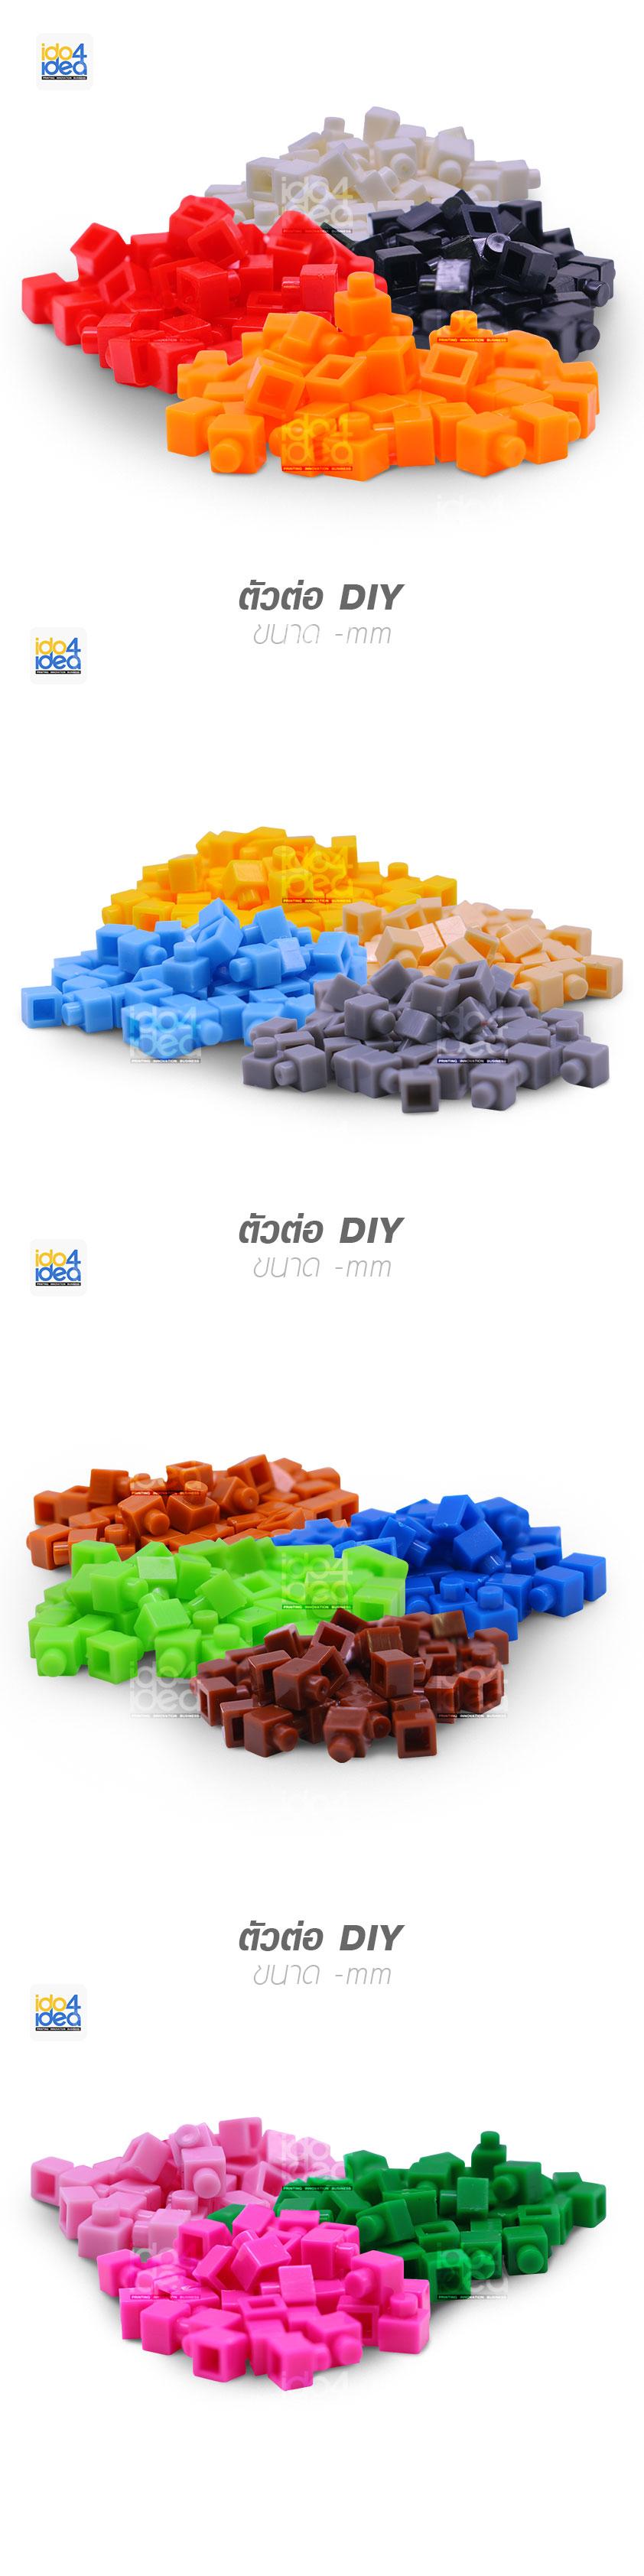 ตัวต่อ DIY ขนาด 3 mm. สำหรับหมวก DIY มี 15 สี ให้เลือก